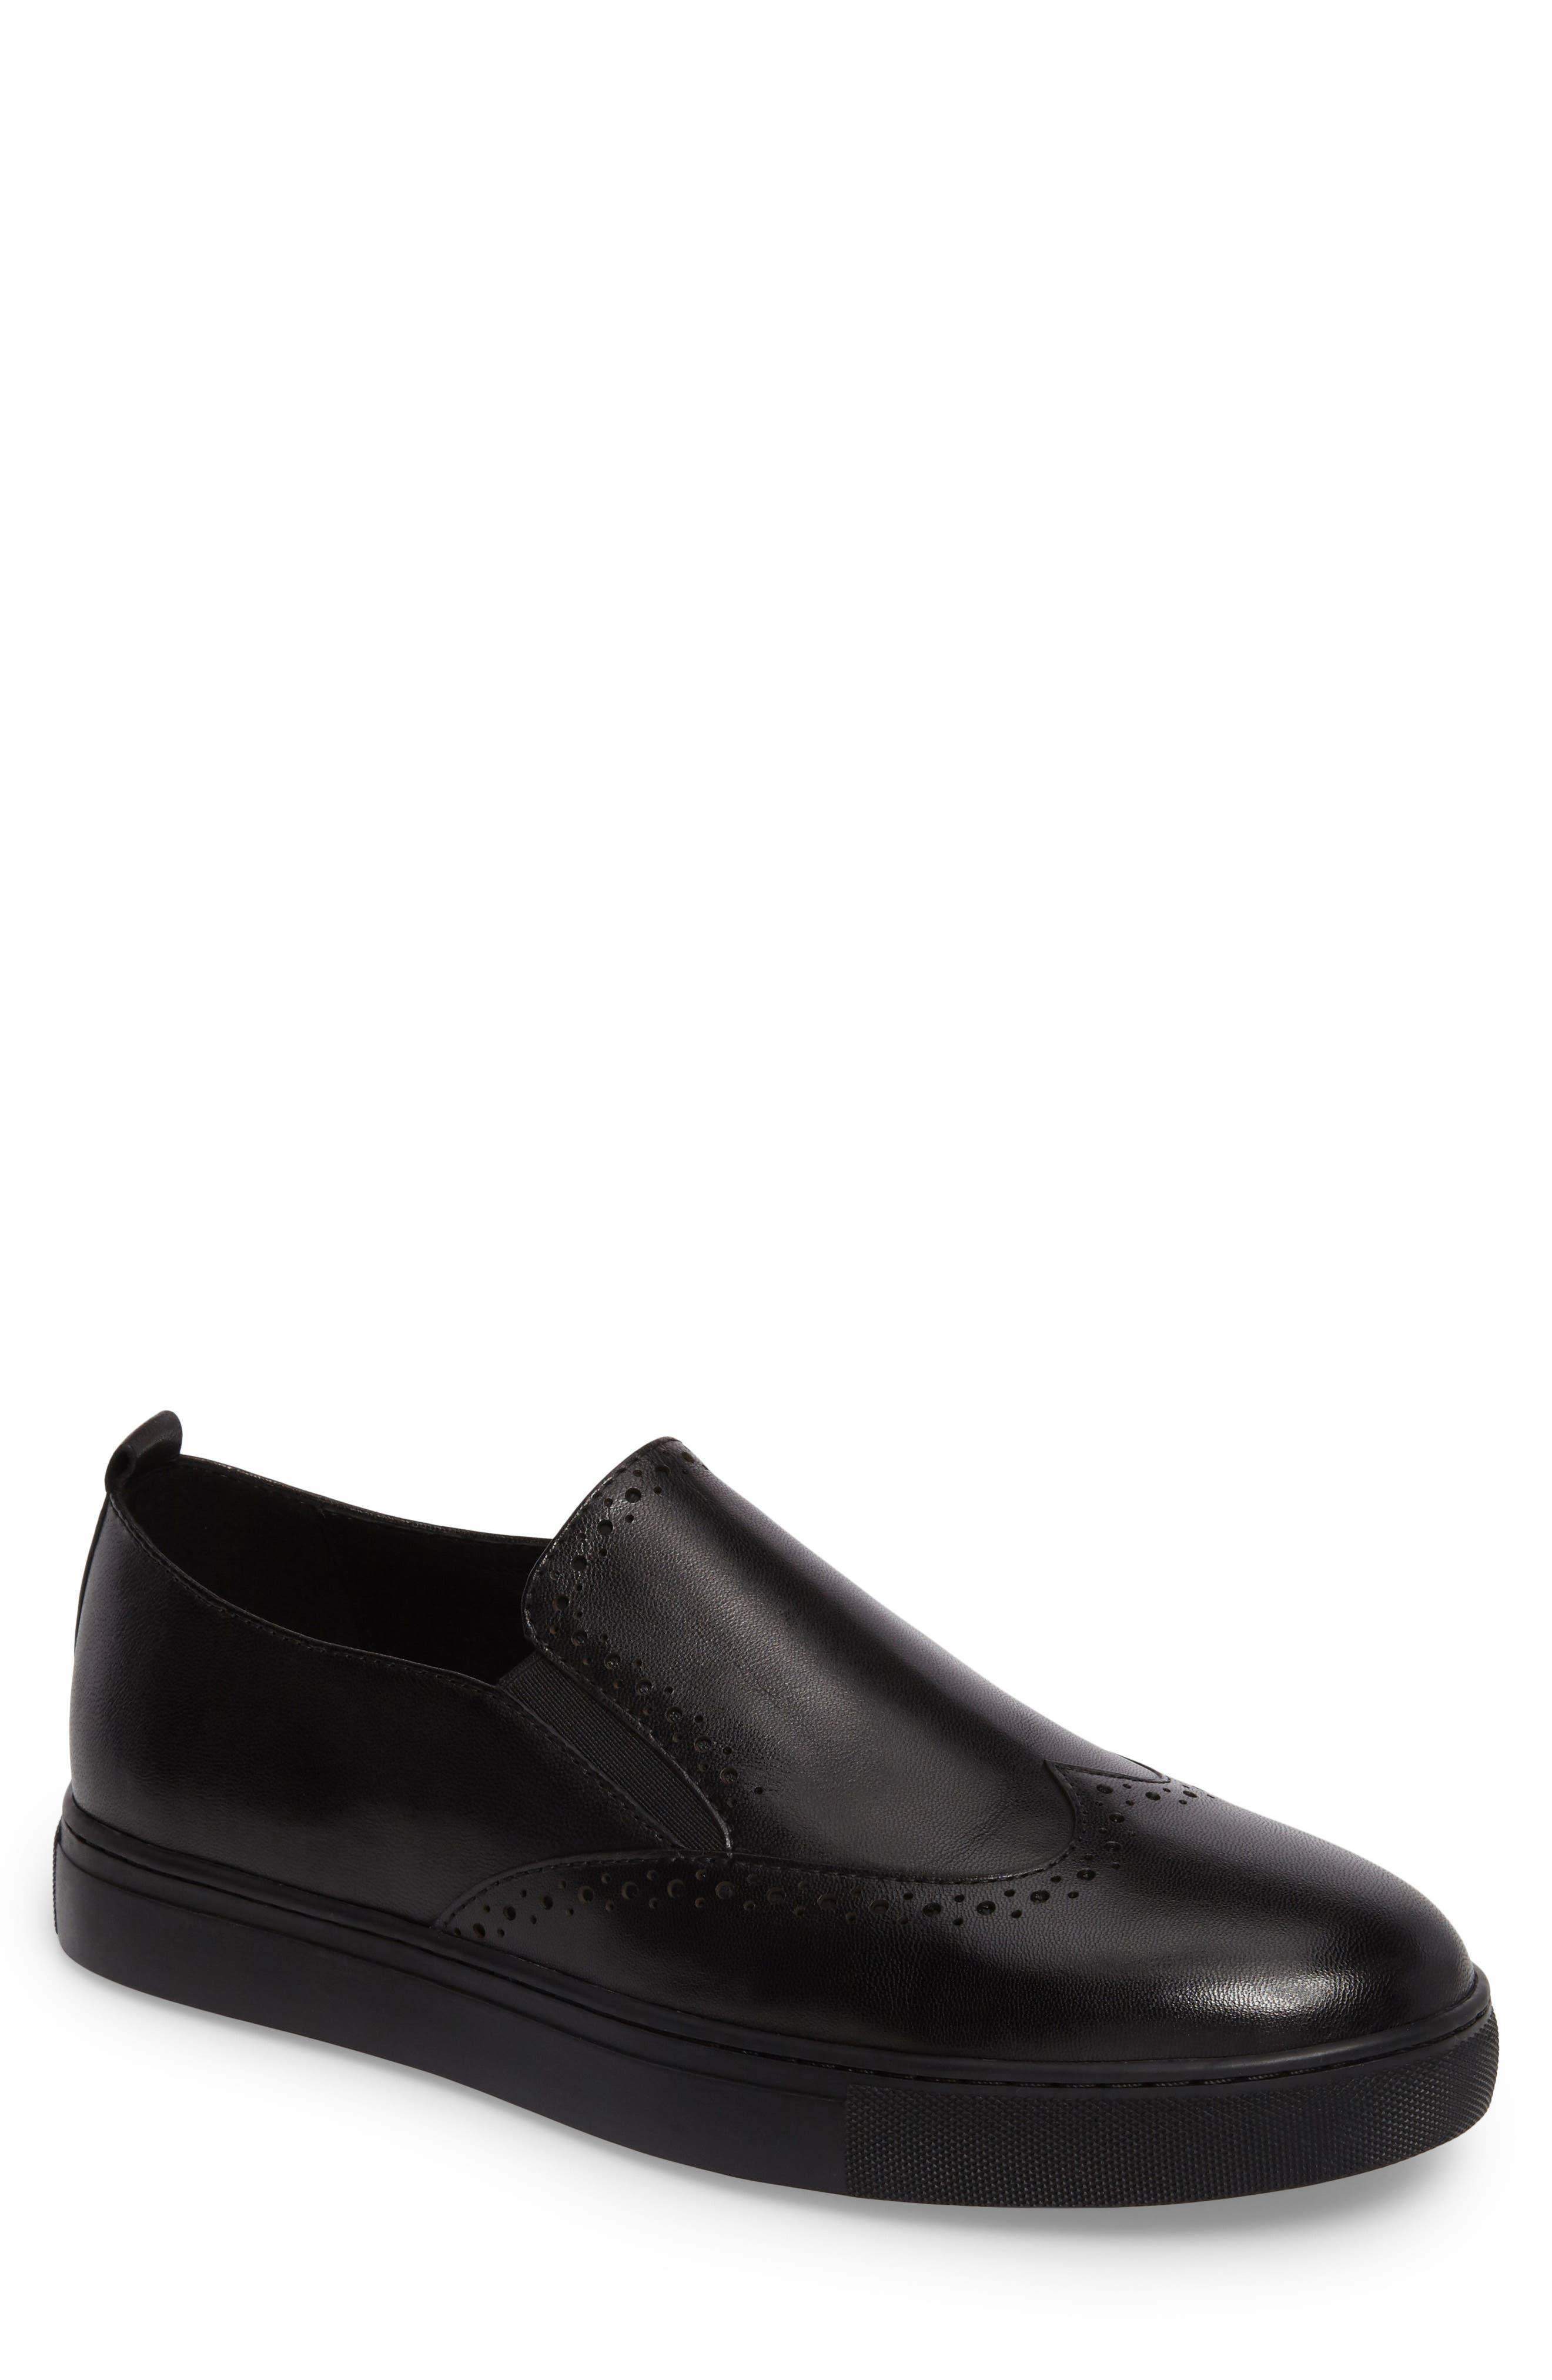 Bacher Wingtip Slip-On Sneaker,                             Main thumbnail 1, color,                             001